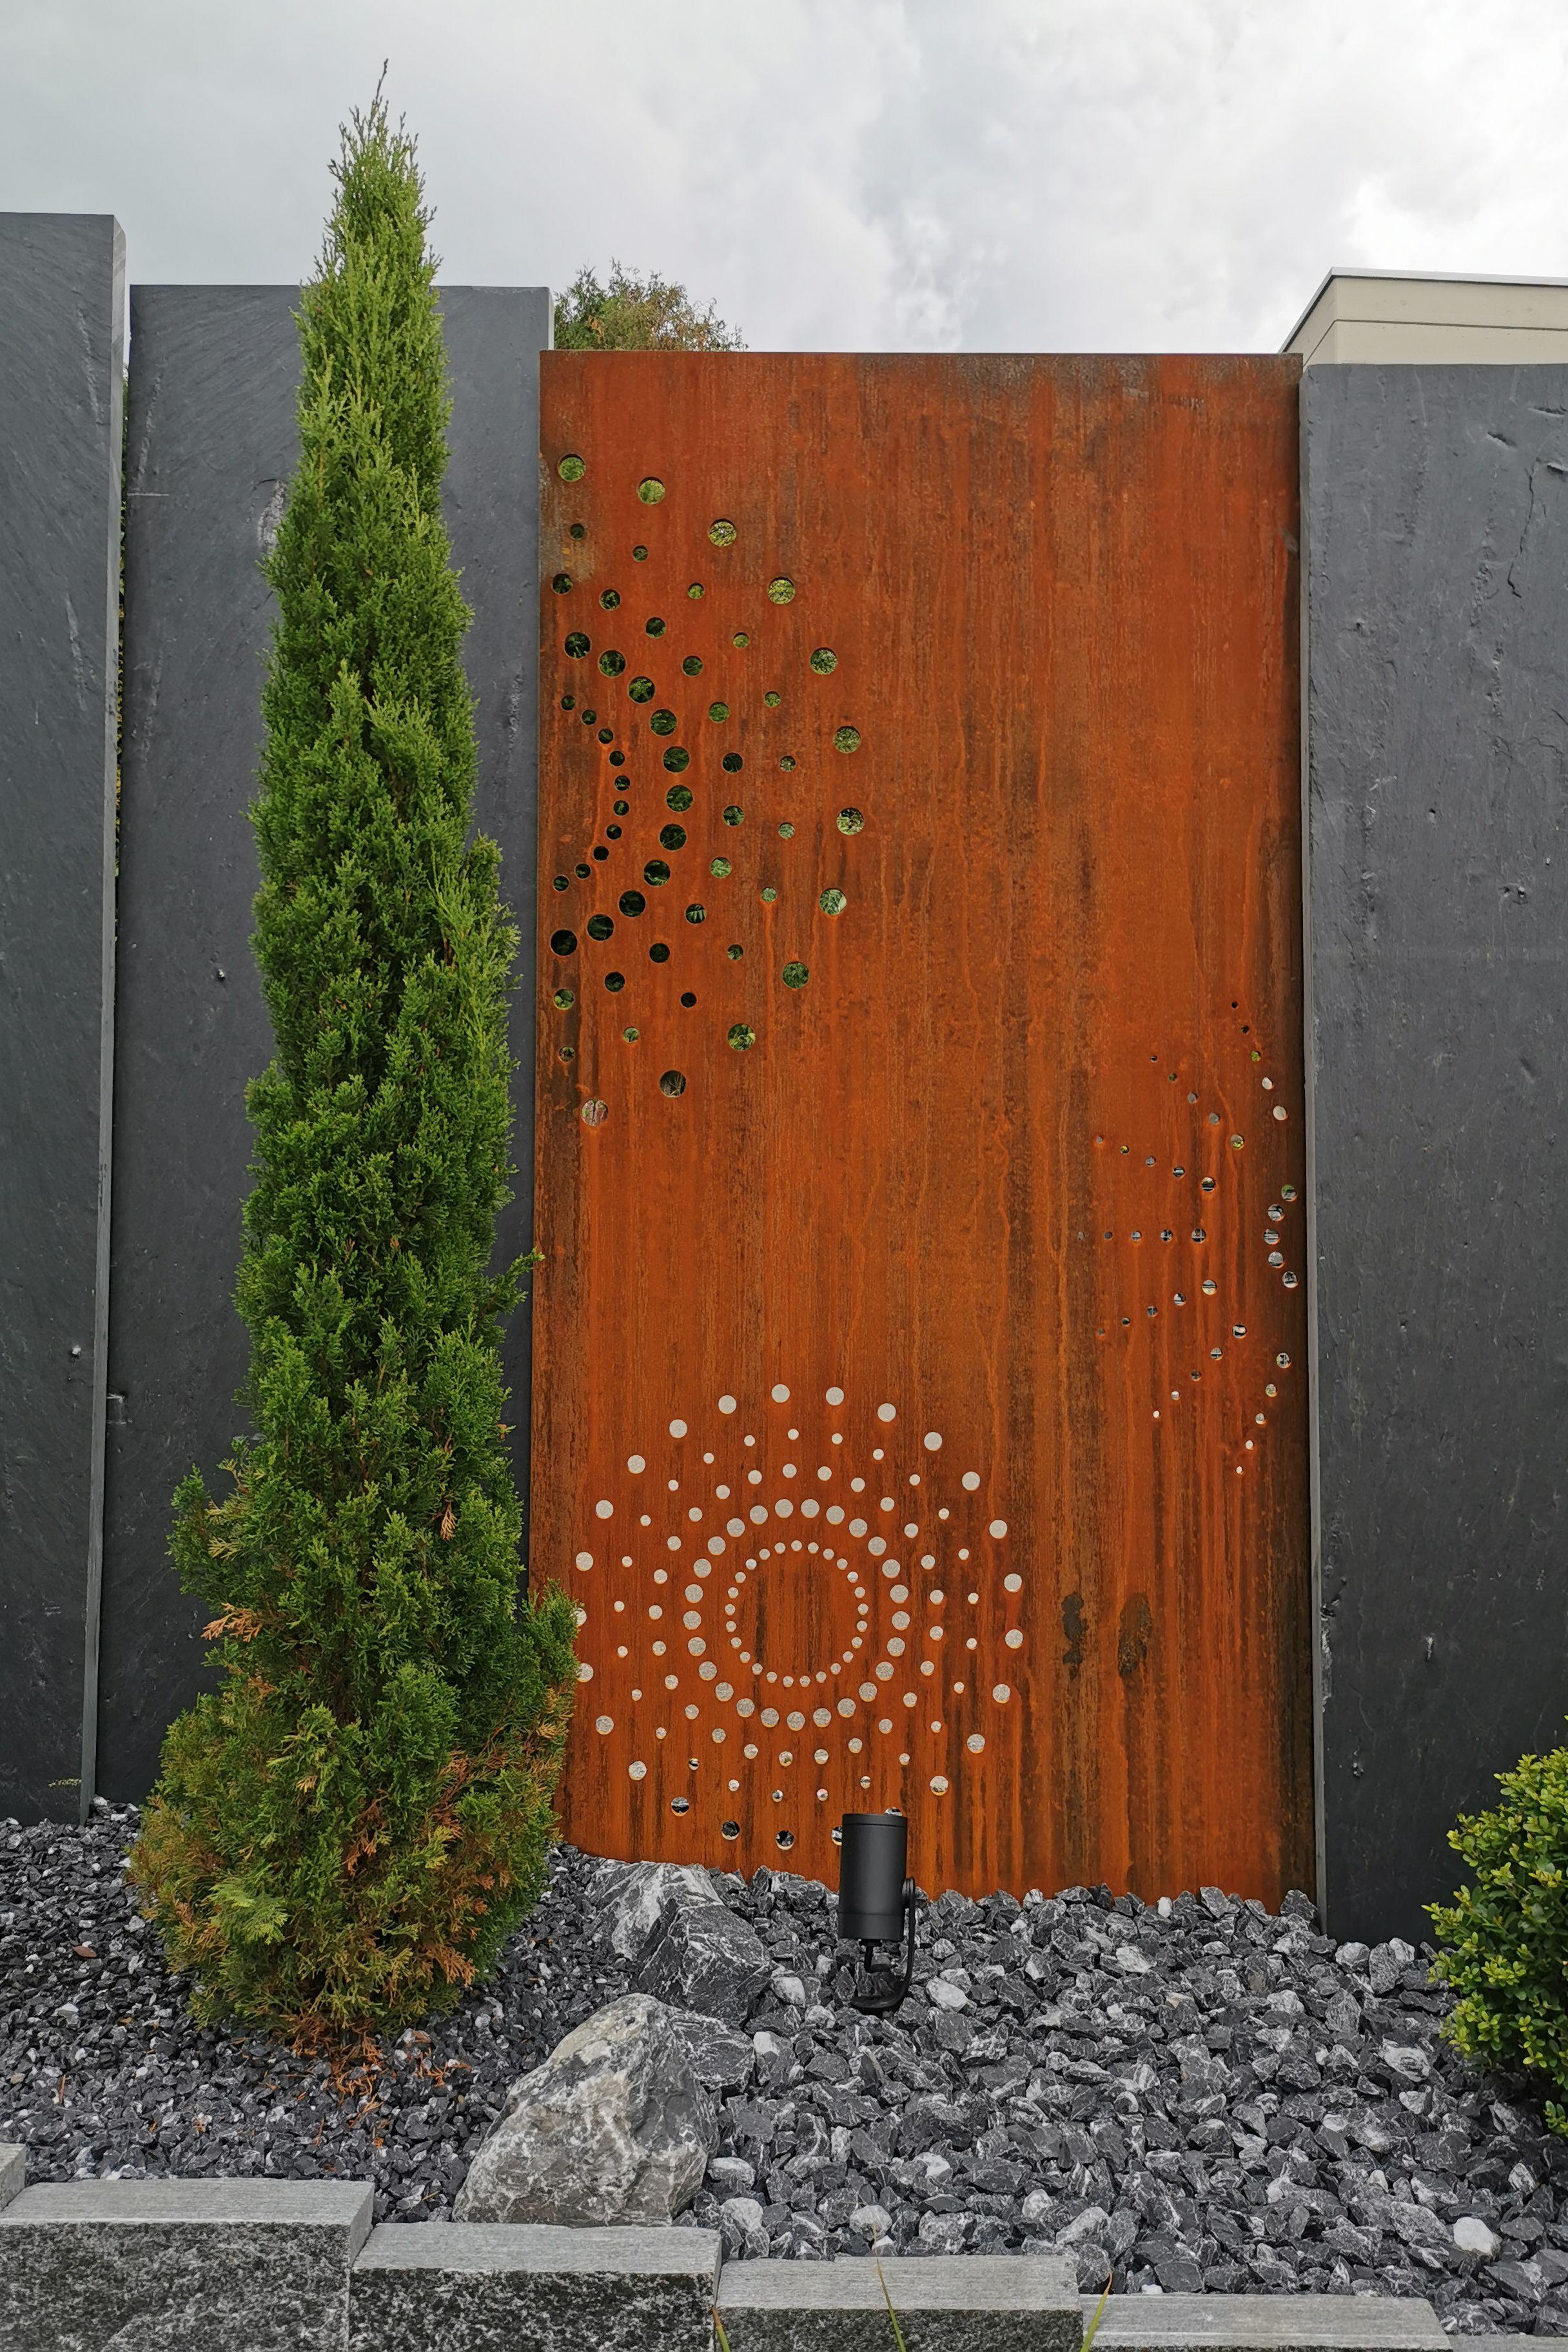 Pin Von Taaroagarten Auf Muro Sichtschutzwande Sichtschutzwand Garten Gartendesign Ideen Sichtschutz Garten